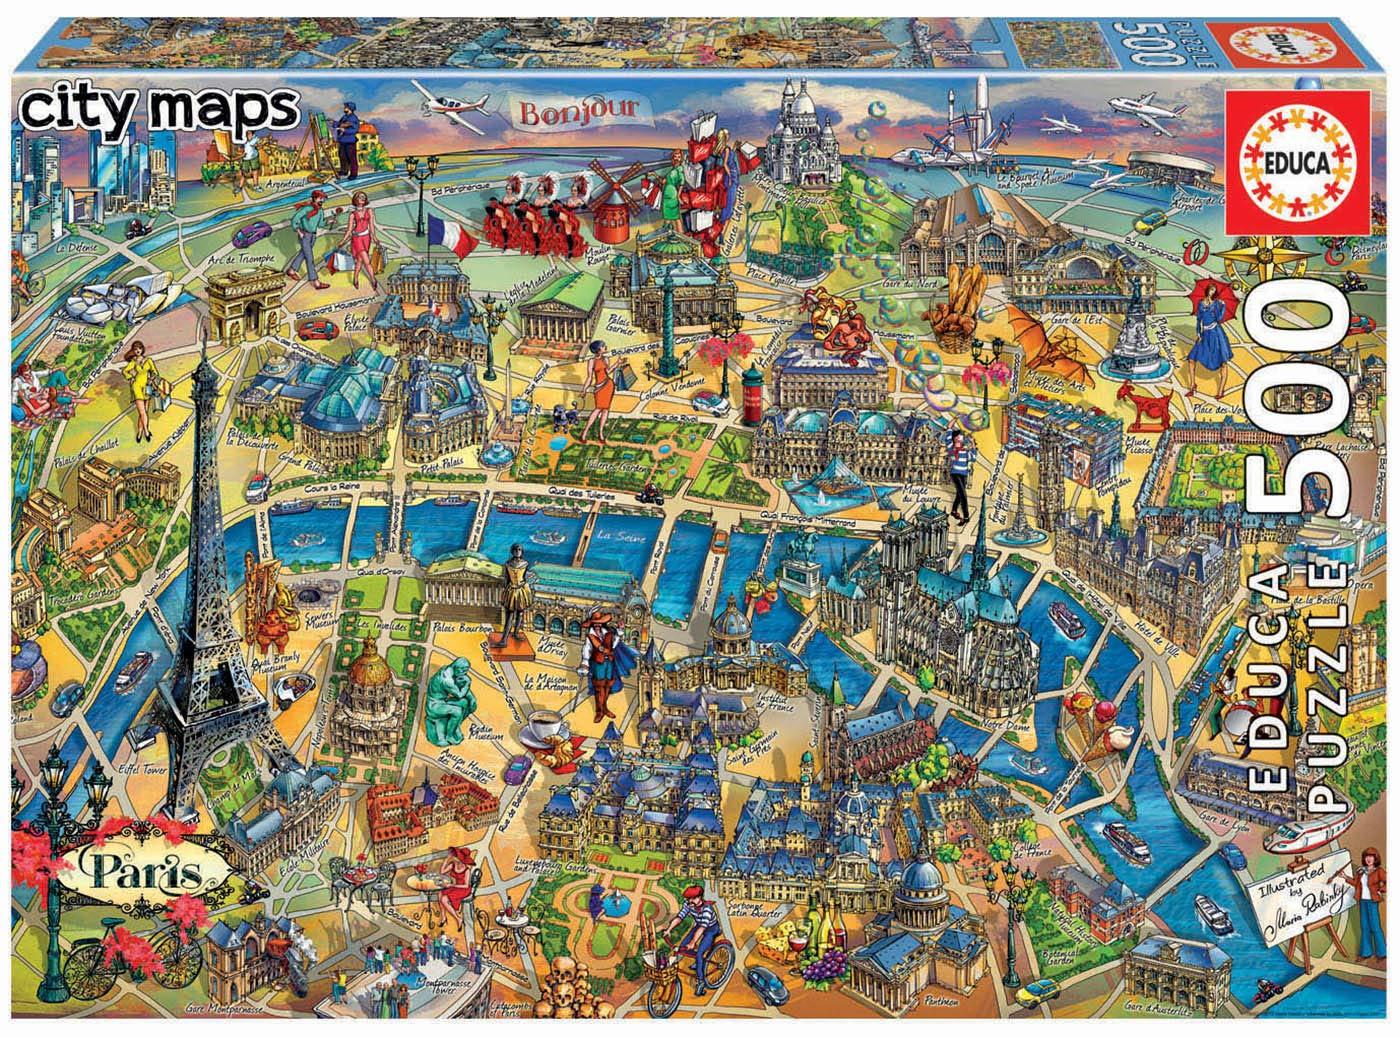 Puzzle City Maps - Paris Educa-18452 500 pieces Jigsaw Puzzles ...